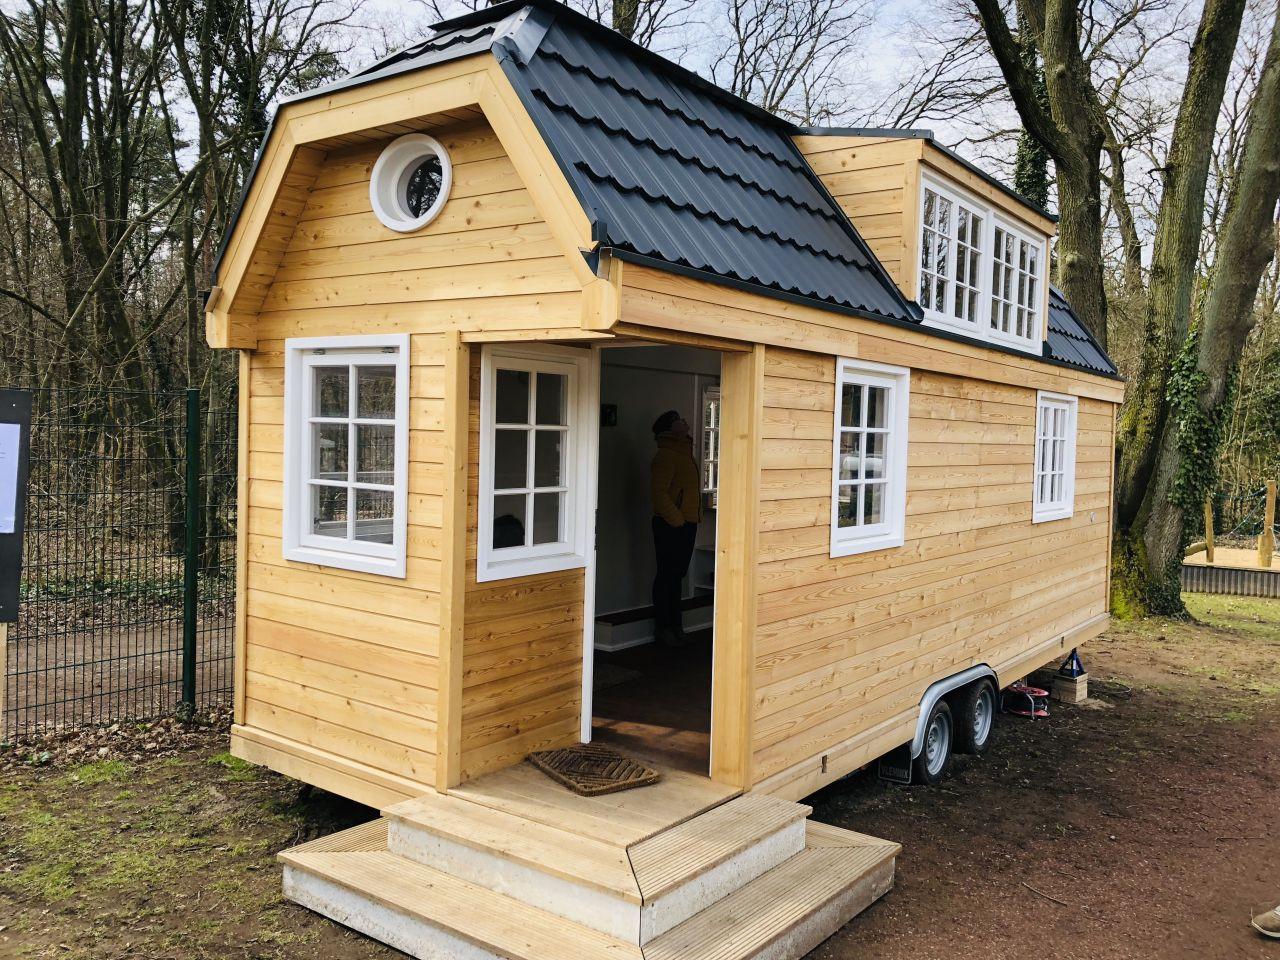 Wohnen im Tiny House - Perfekt für Singles?